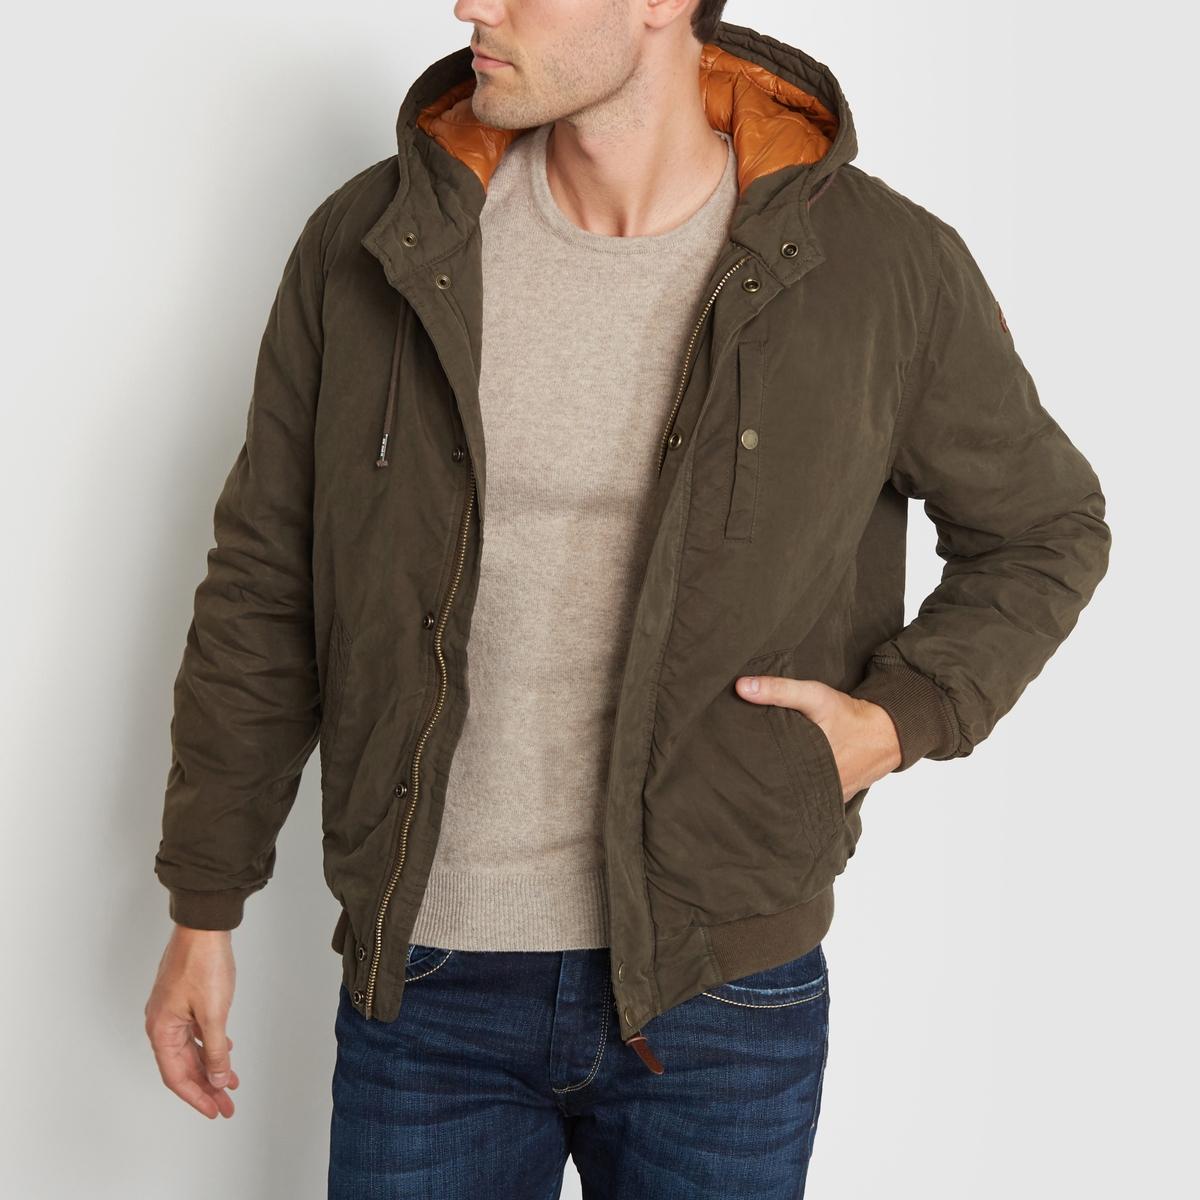 Куртка с капюшоном PEPE JEANS.Куртка с капюшоном PEPE JEANS. Кайма на манжетах и внизу куртки. Два кармана по бокам и один нагрудный карман. Супатная застёжка на молнию и пуговицы. Состав и описание:Материал: 46% хлопка, 36% полиэстера, 18% полиамида.Марка: PEPE JEANS.<br><br>Цвет: хаки